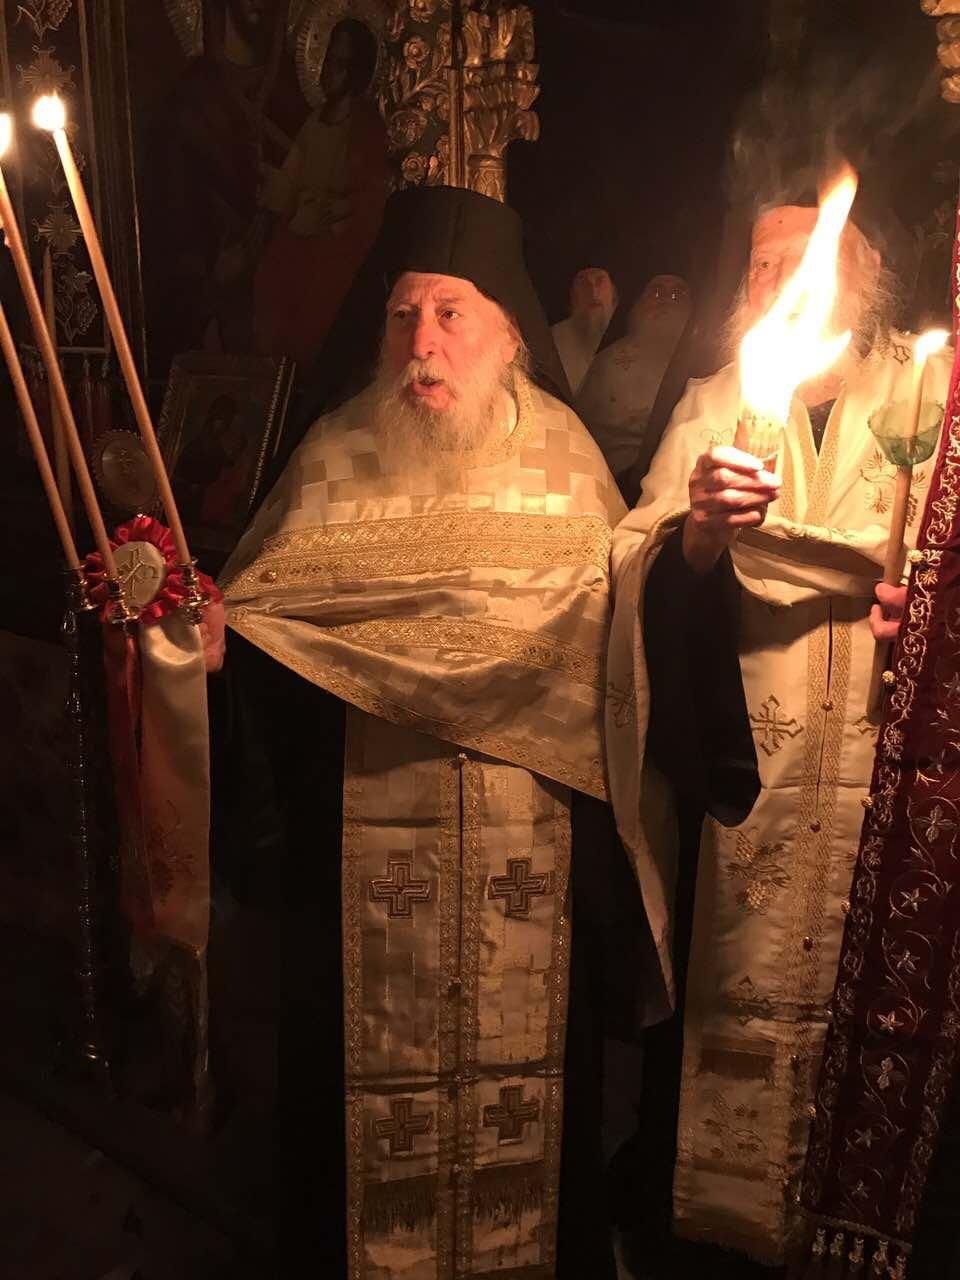 Ακολουθία της Αναστάσεως στη Σκήτη της Αγίας Άννης Αγίου Όρους (2017)